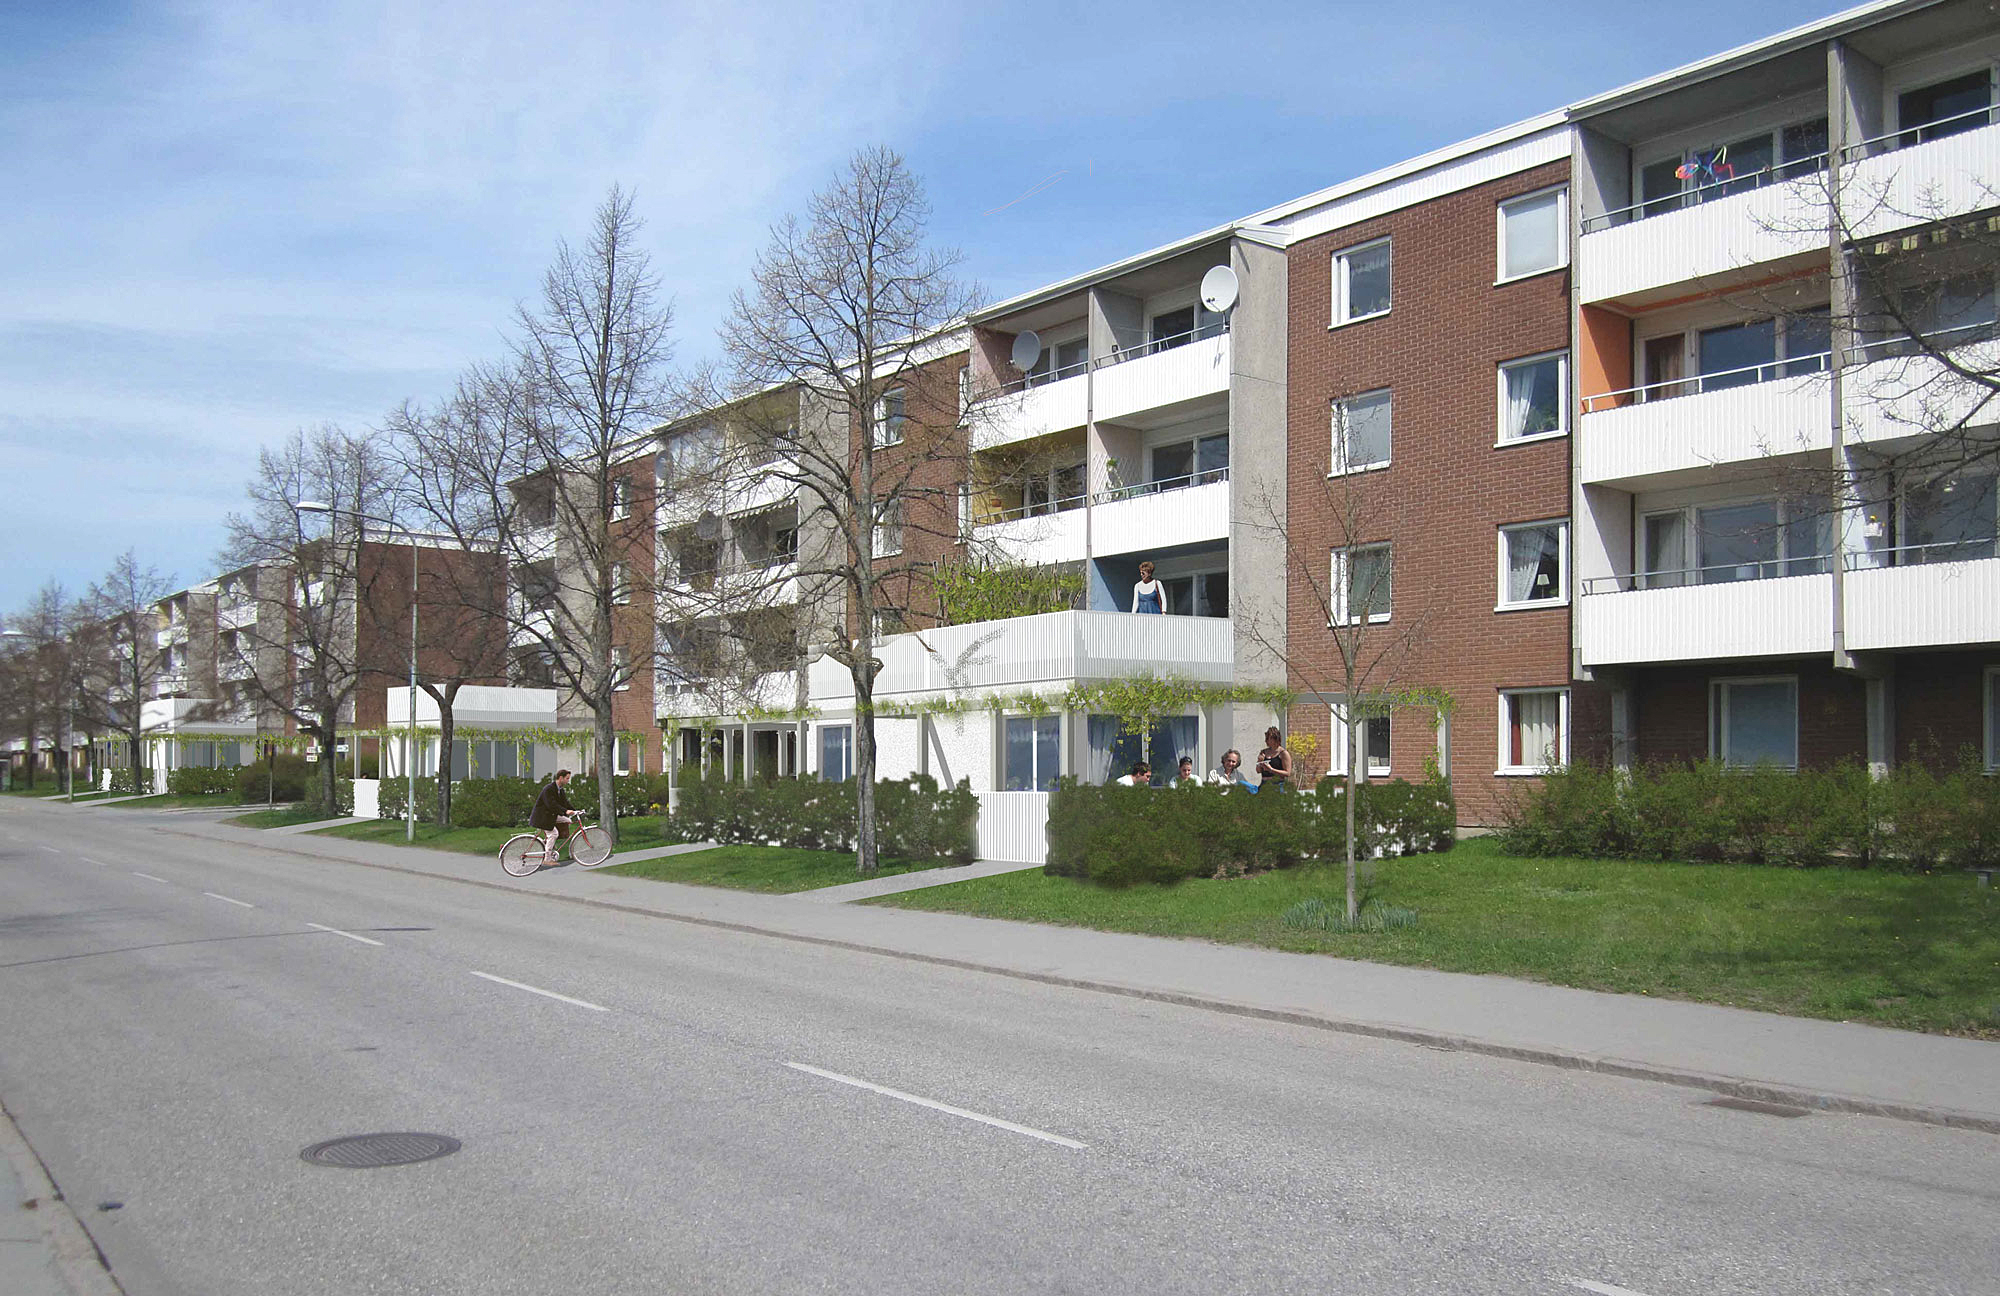 Byalvsvägen Fotomontage Spridd copy.jpg